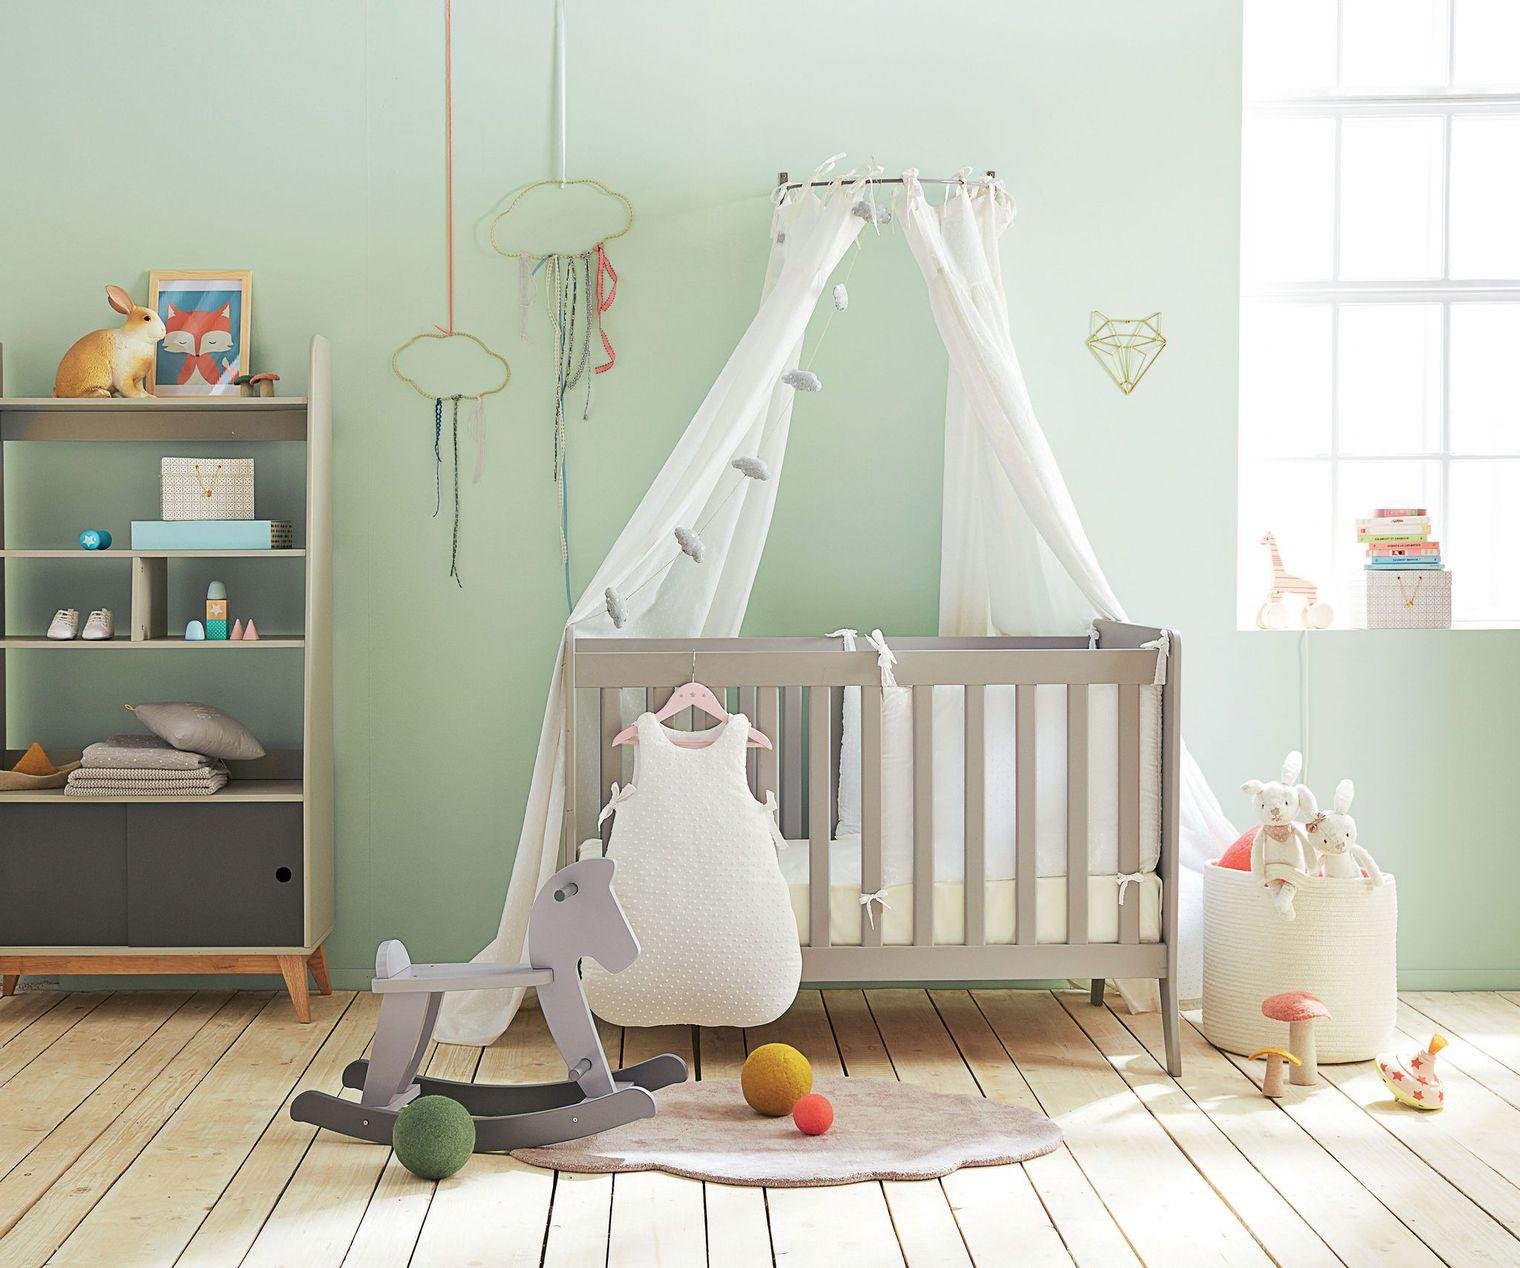 5 id es de d corations pour la chambre de votre b b le blog mode de camille for Les accessoire chambre bebe oran